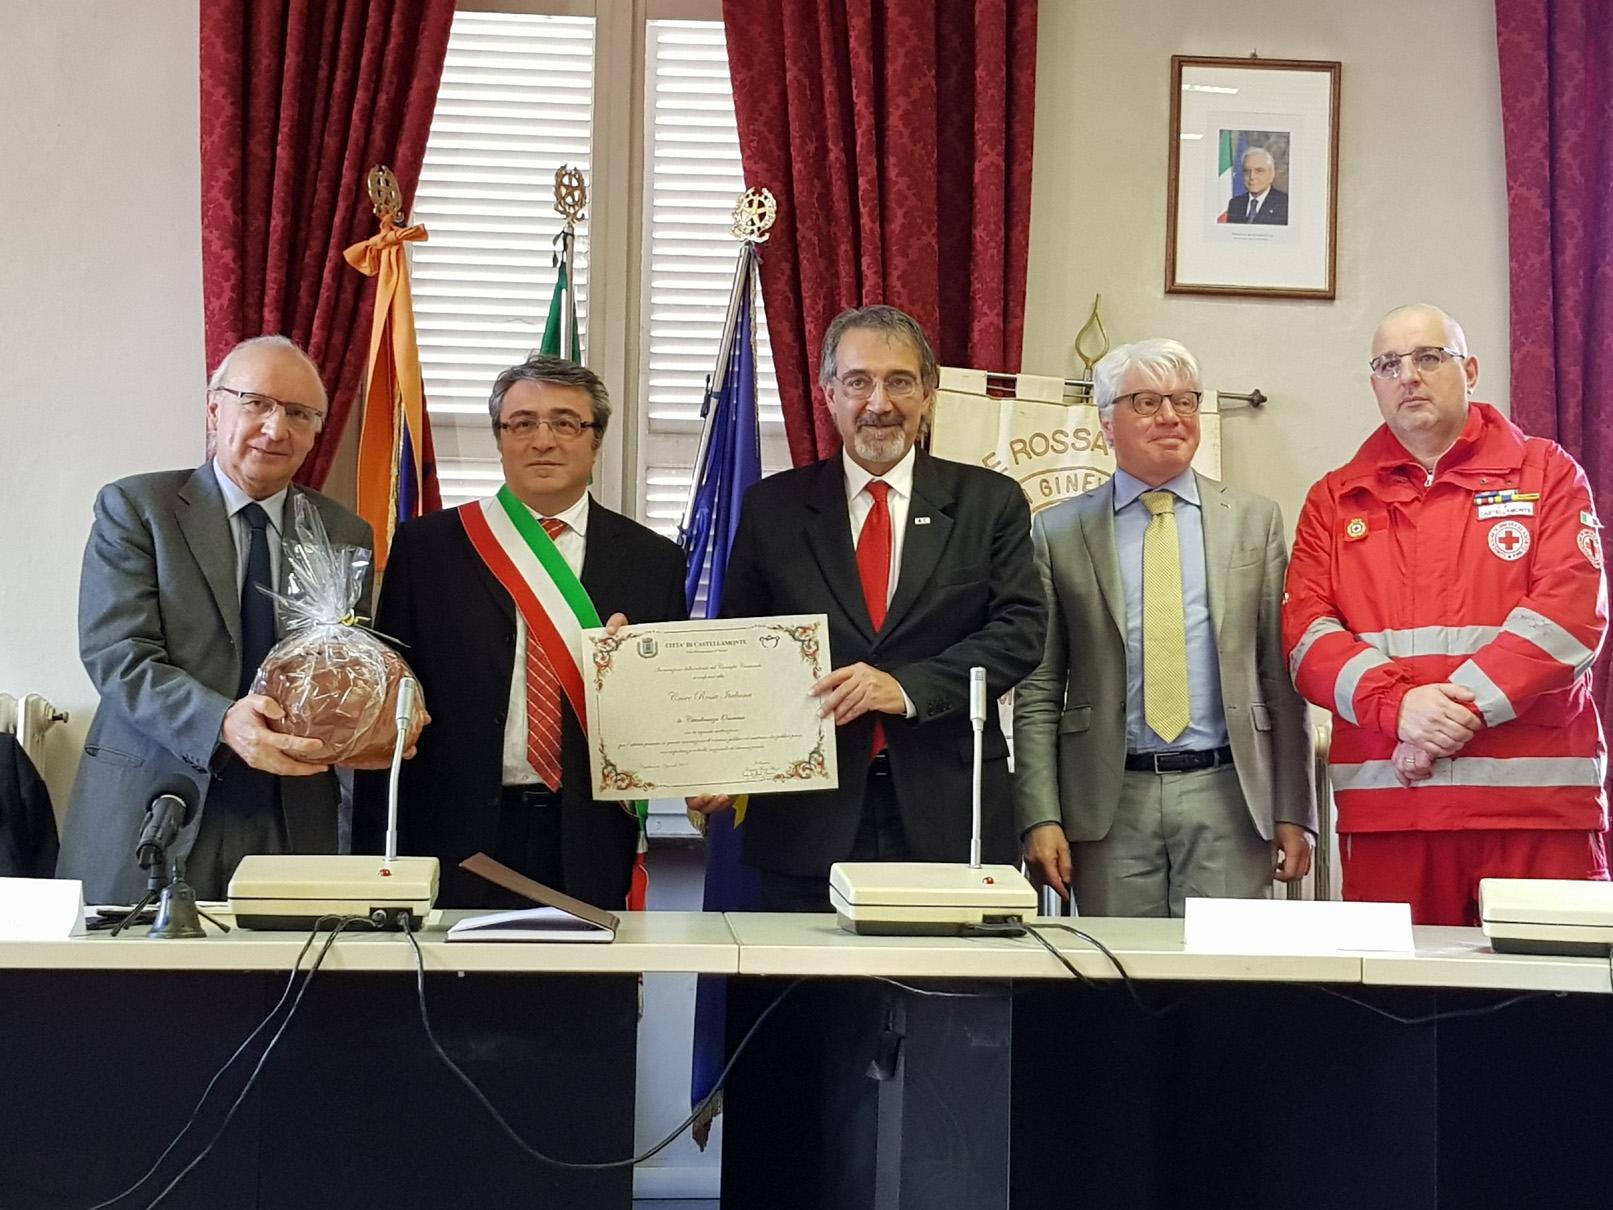 CASTELLAMONTE - Cittadinanza onoraria alla Croce Rossa sotto gli occhi dei genitori di Gloria Rosboch - FOTO e VIDEO